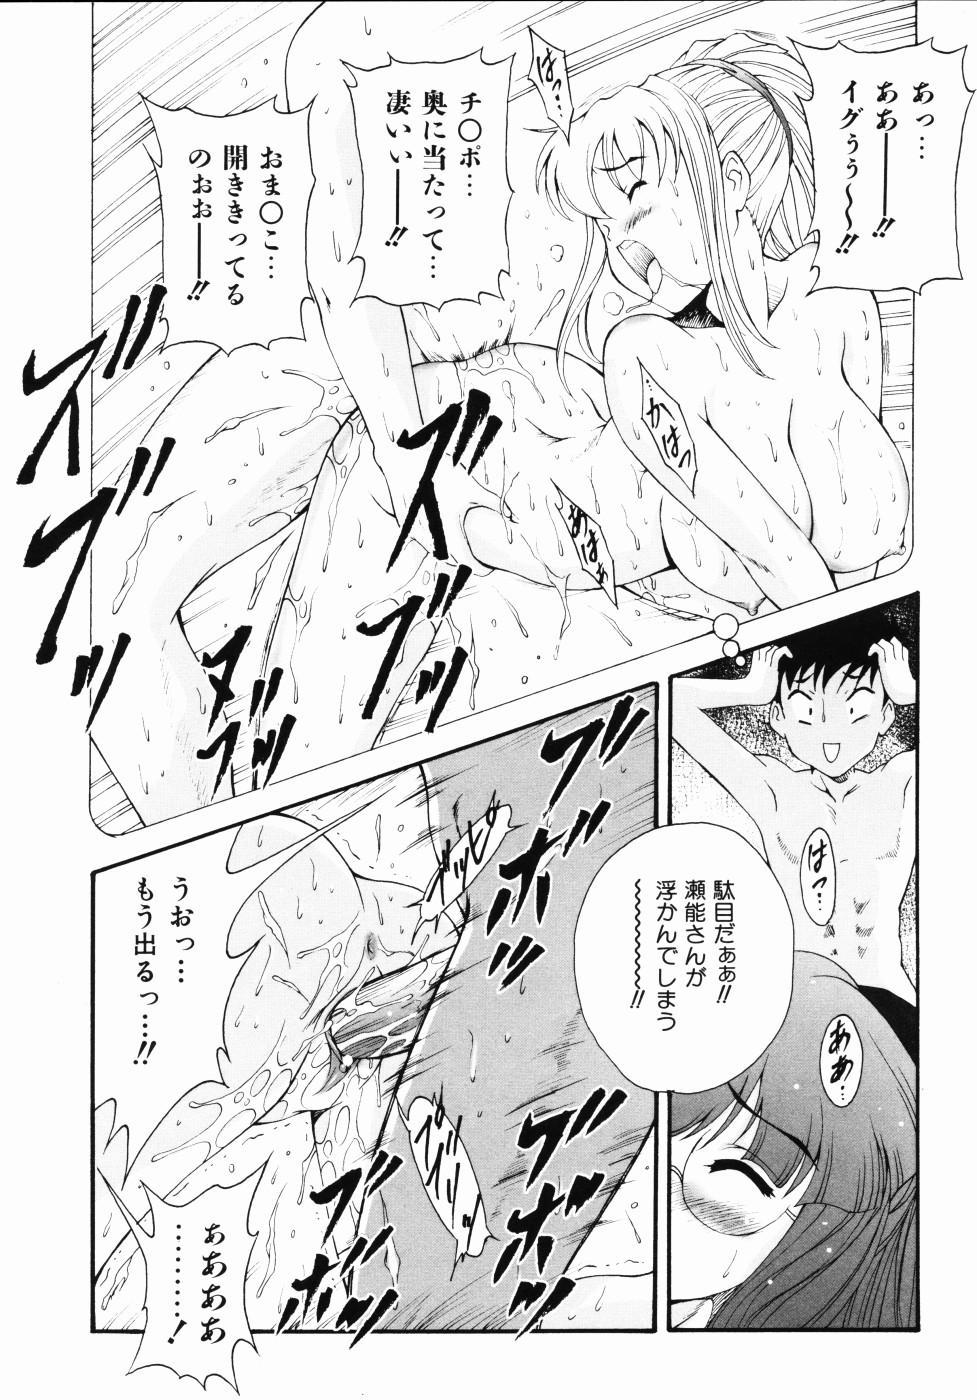 Daikyou Megami 99